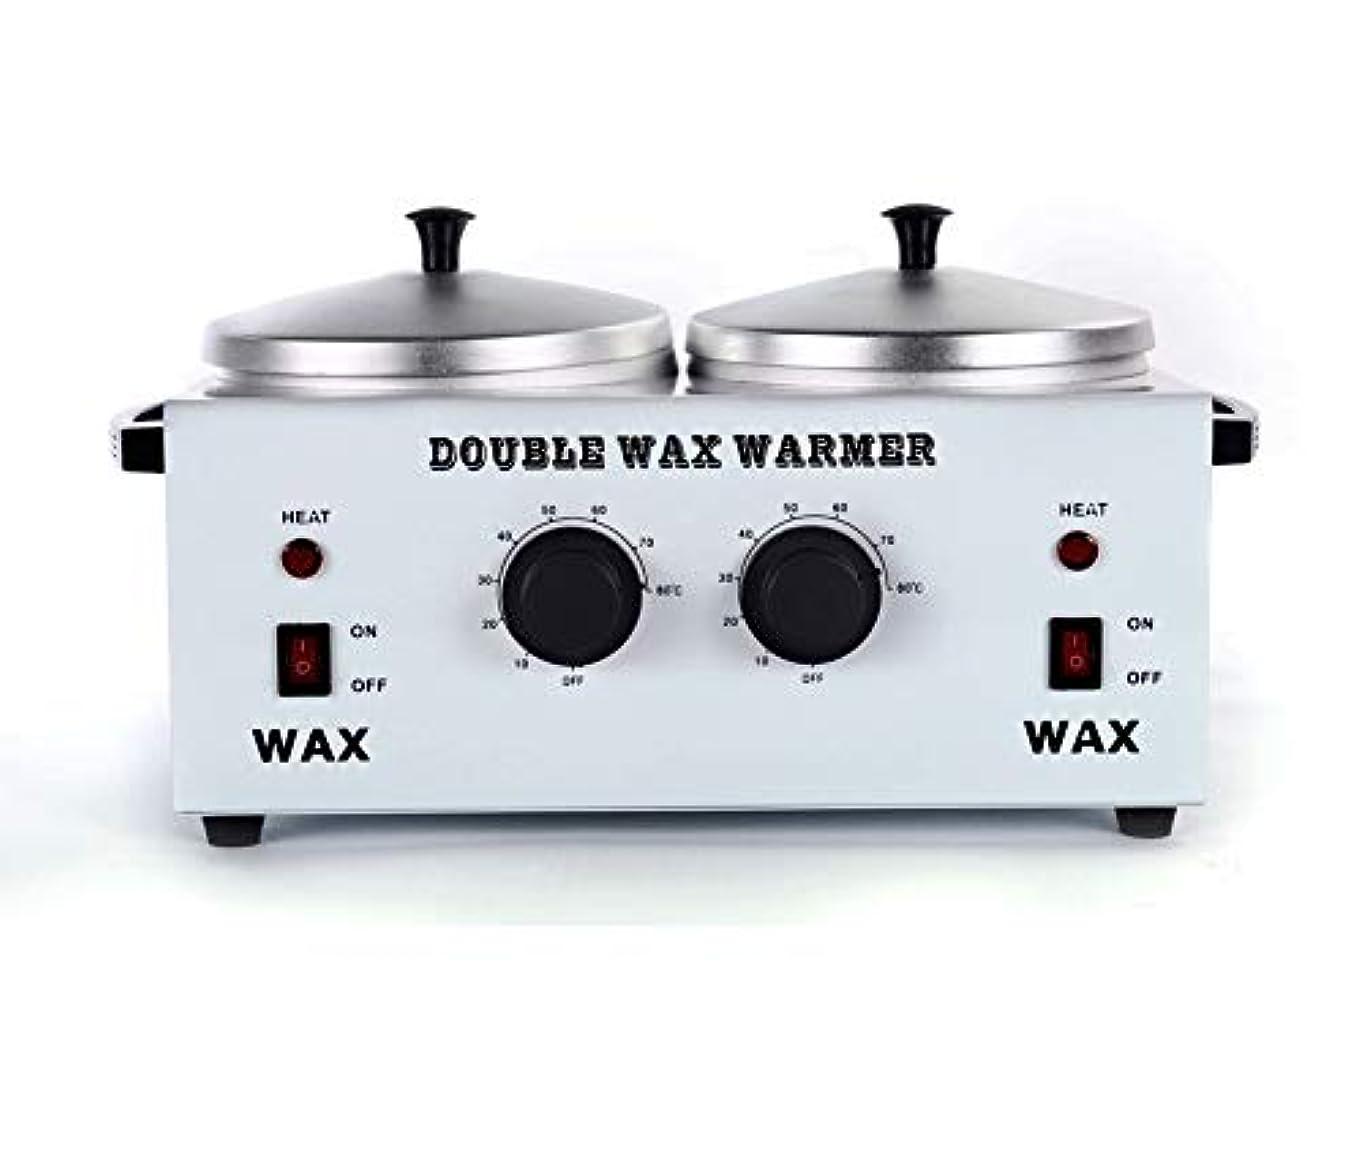 植生すすり泣き選択ワックスヒータープロフェッショナルダブルポット脱毛ワックスウォーマー、すべてのWAXS(ソフト、ハード、パラフィン)用電動ワックスヒーター機械ファストメルトポータブル人種のるつぼ